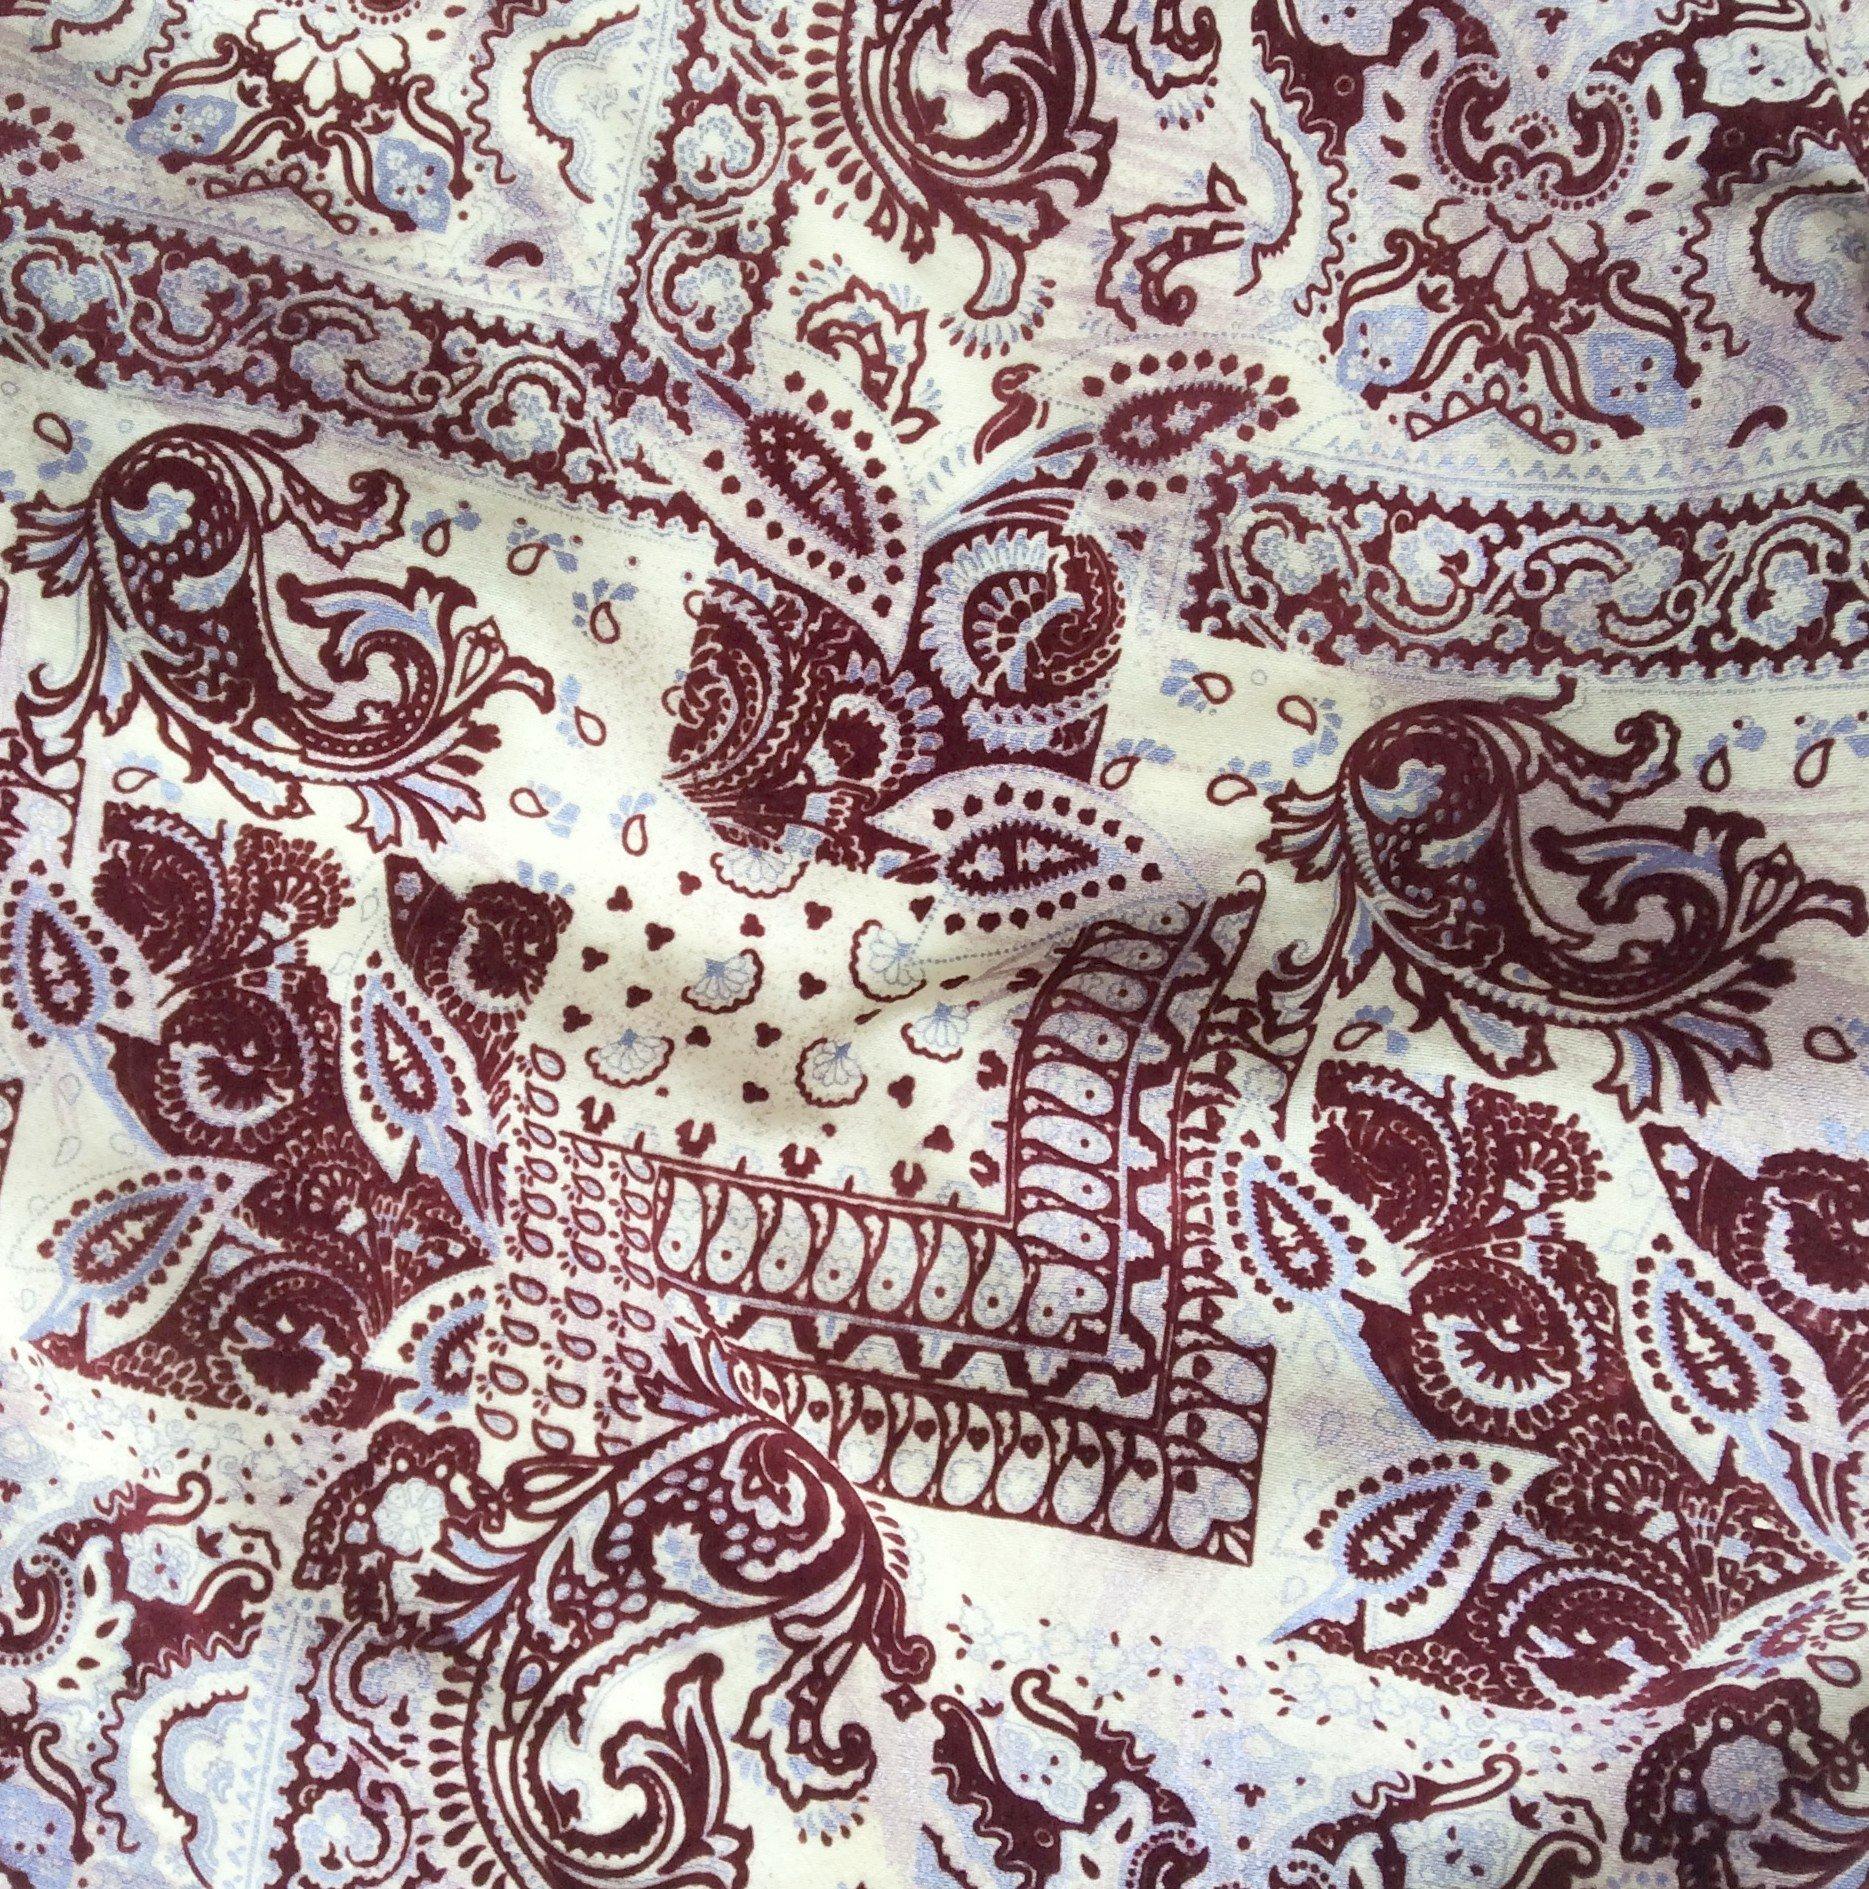 Tissu laine beige imprimé bordeaux, nappe, voilage